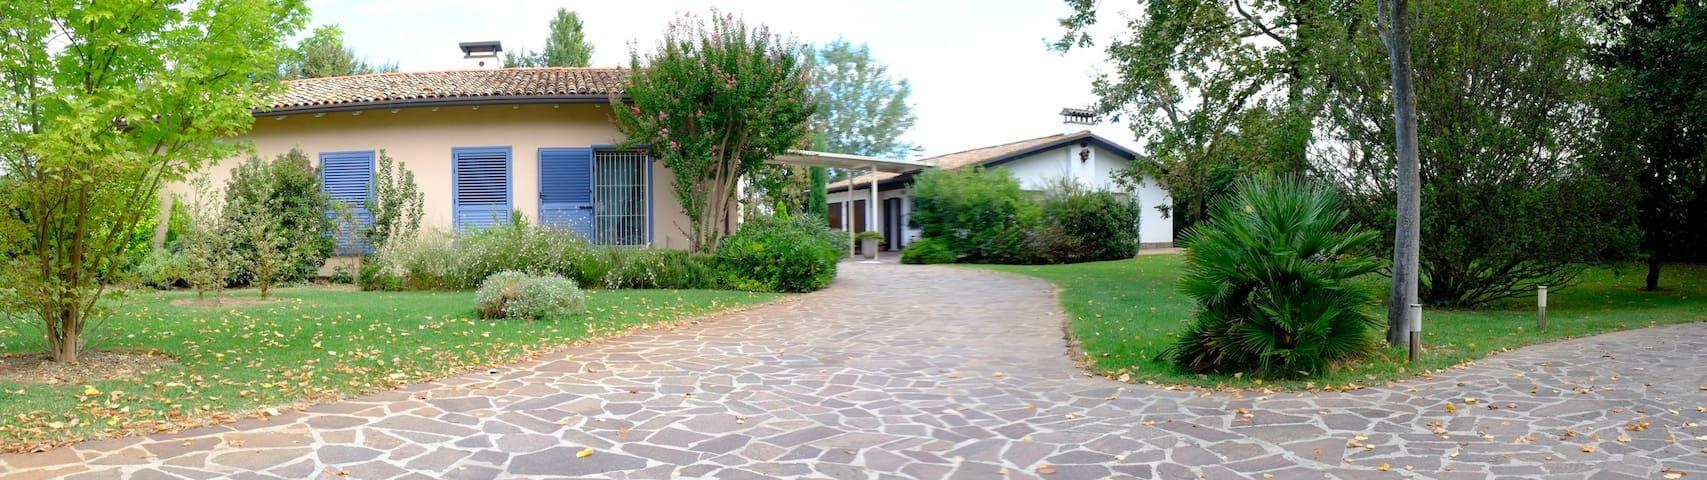 Villa Lori - Ravenna - Dům